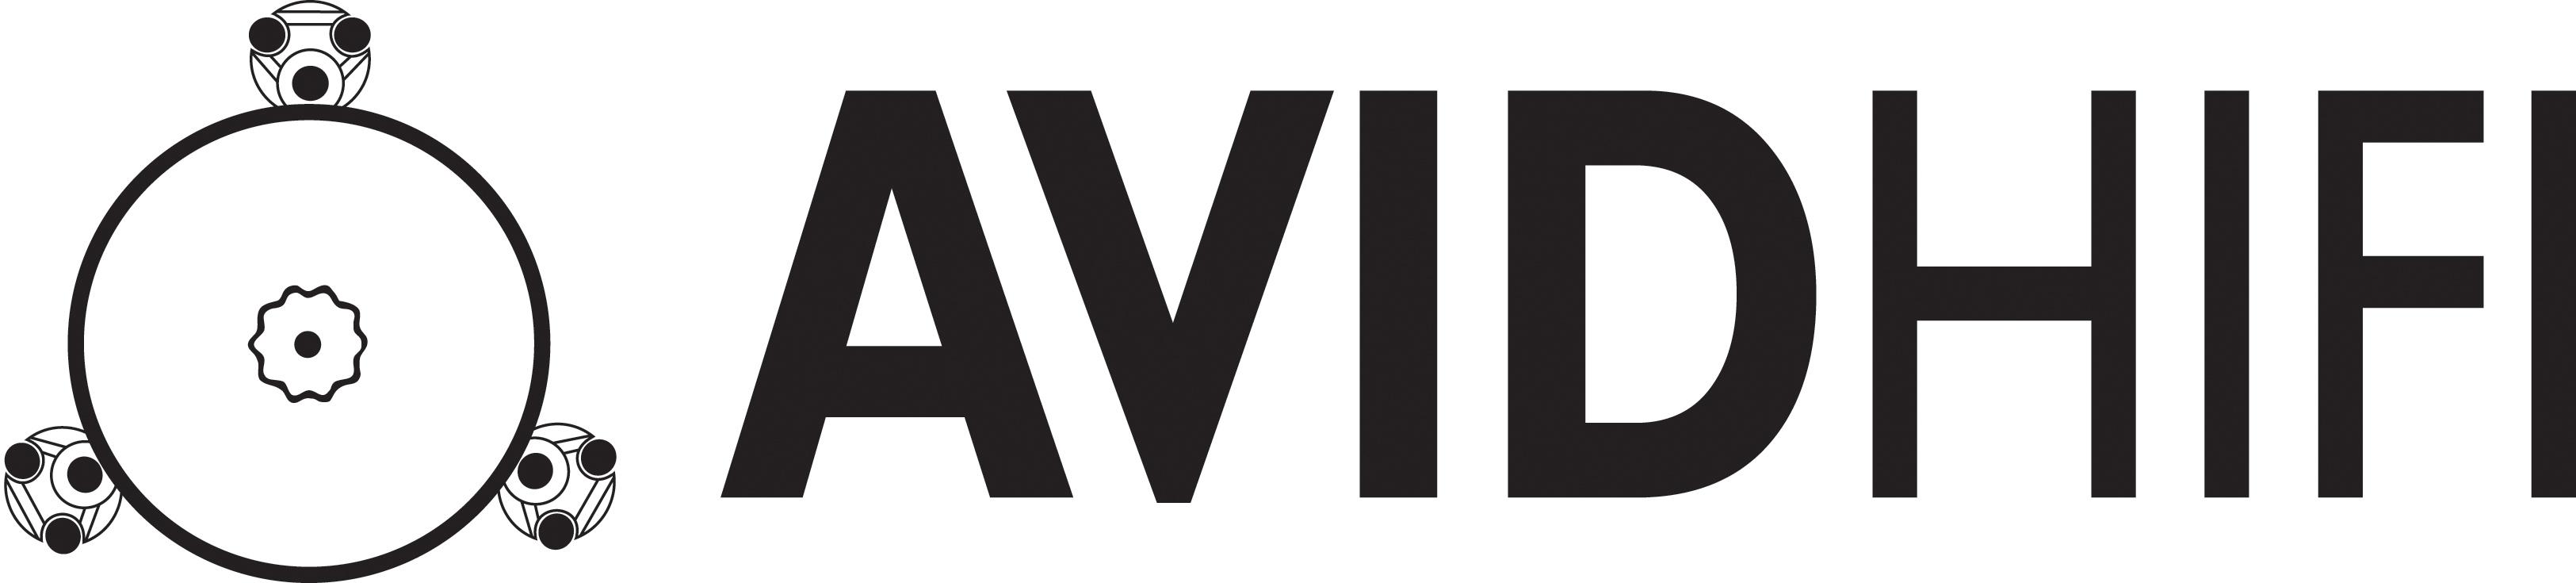 La marque AVID